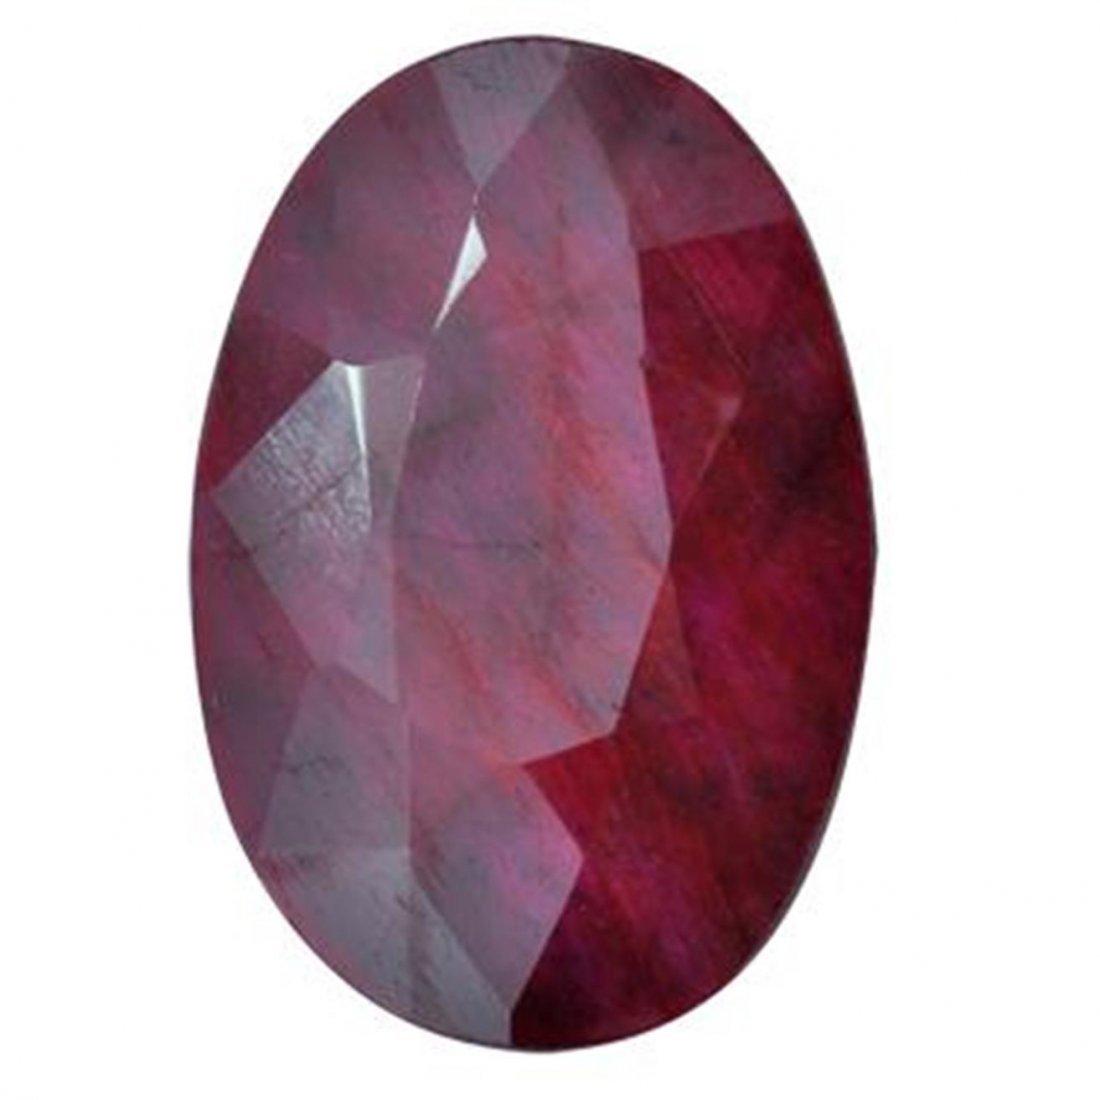 2Q: A 1 ct. Ruby Gem